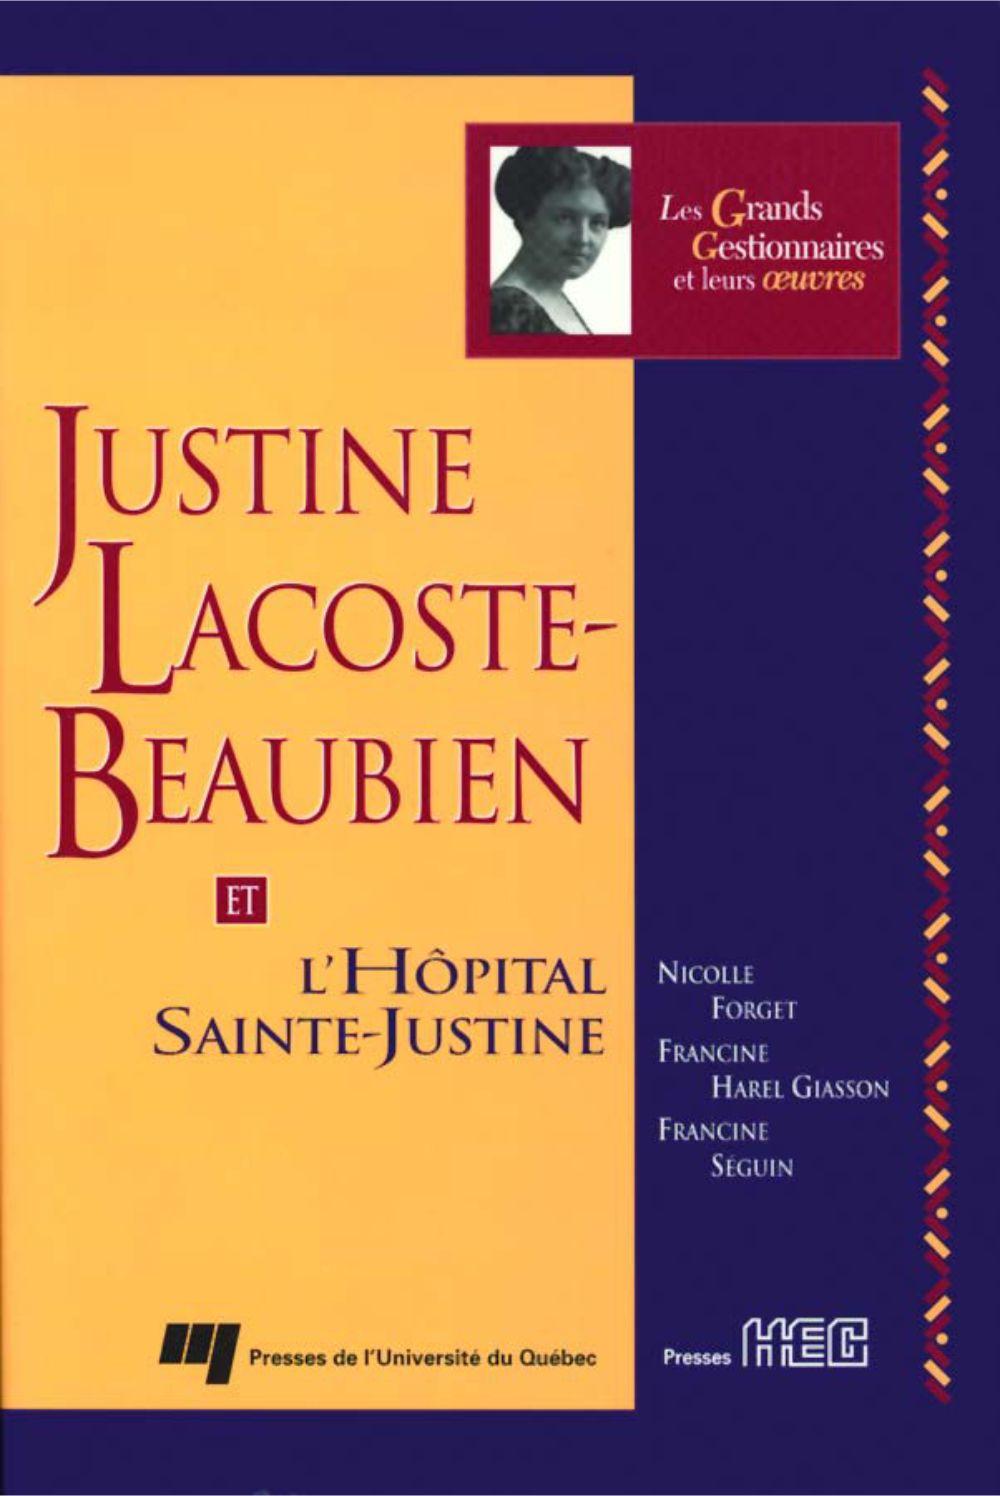 Justine Lacoste-Beaubien et l'Hôpital Sainte-Justine